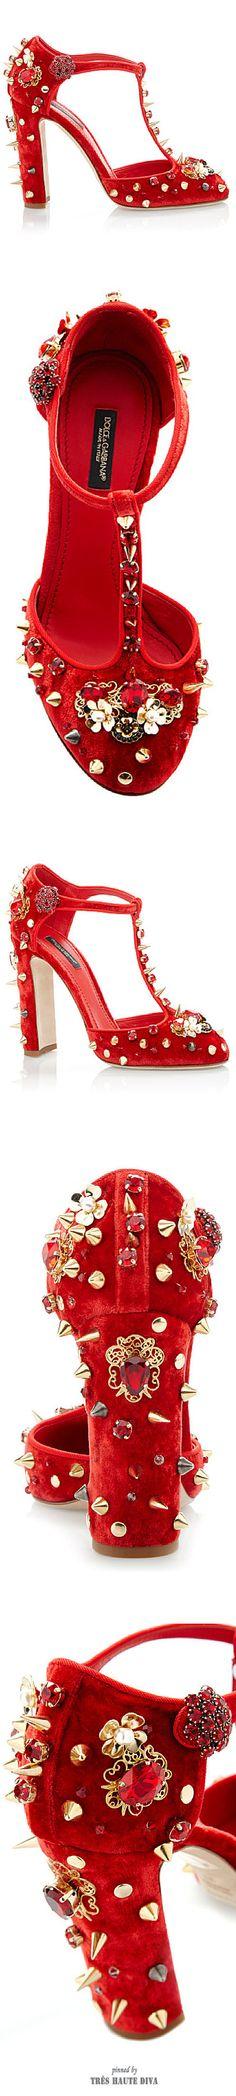 Dolce & Gabbana Red Velvet Studded T-Strap Pump ♔ SS 2015 ♔ Tres Haute Diva